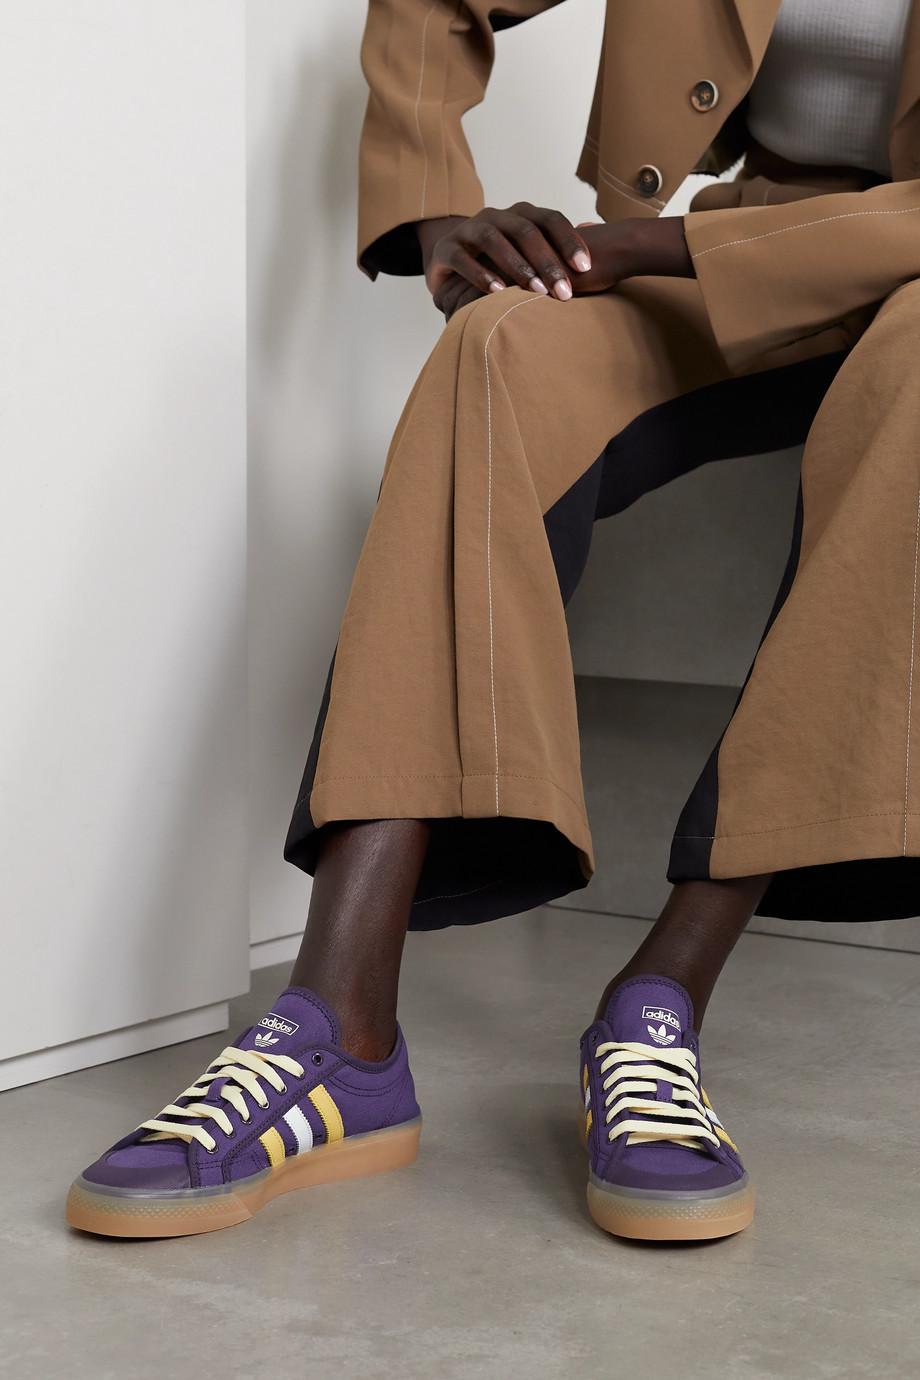 adidas Originals Baskets en toile à finitions en cuir Nizza x Wales Bonner